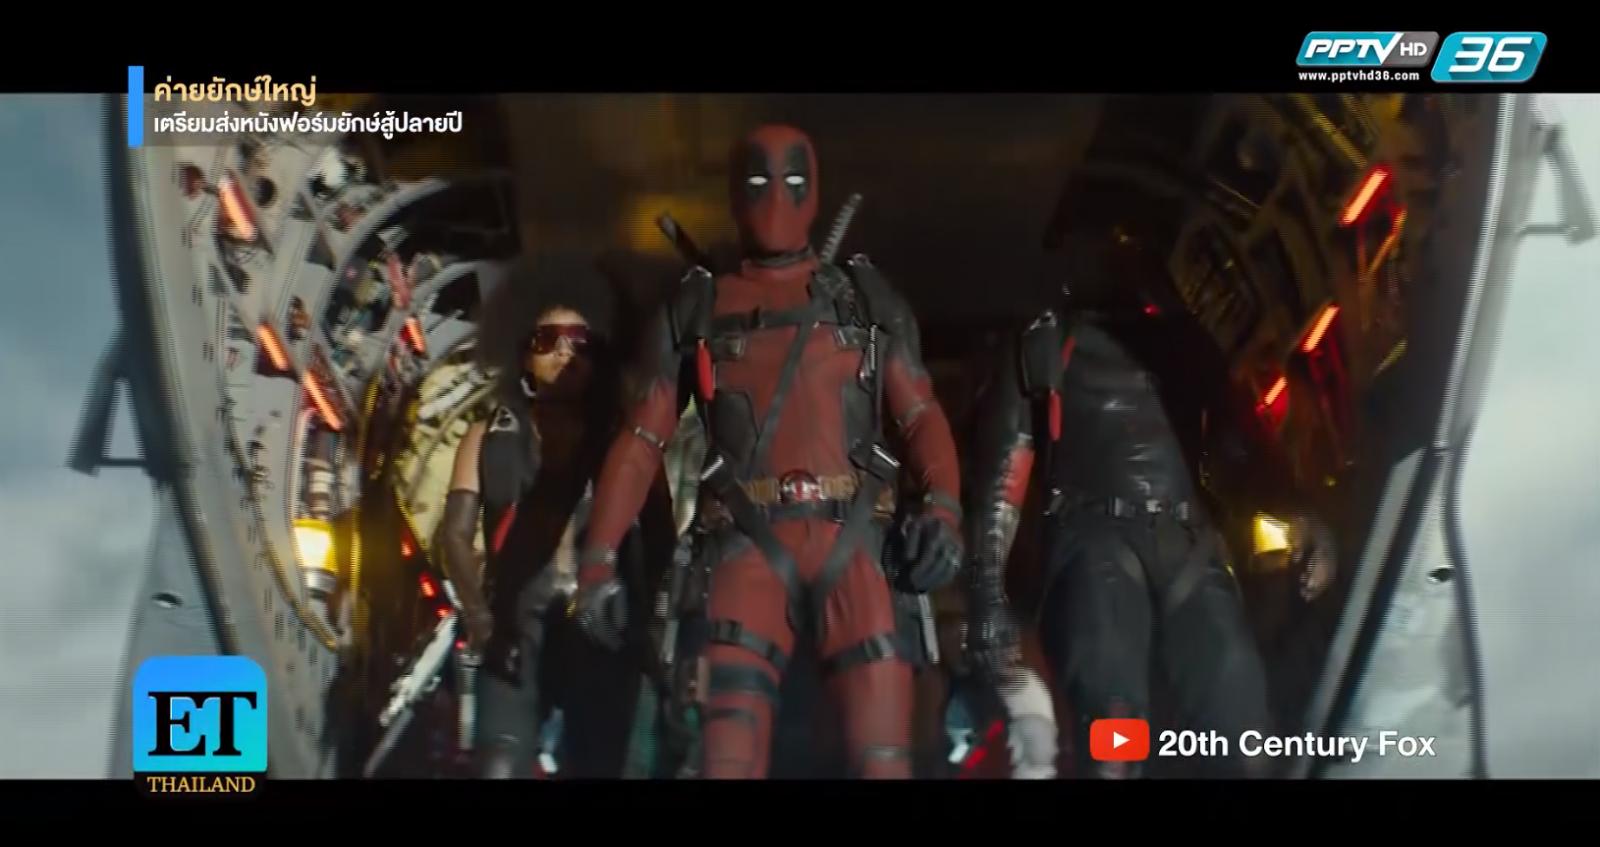 เลื่อนฉาย Drak Phoenix ดึง Deadpool ประชัน คู่แข่งช่วงปลายปี